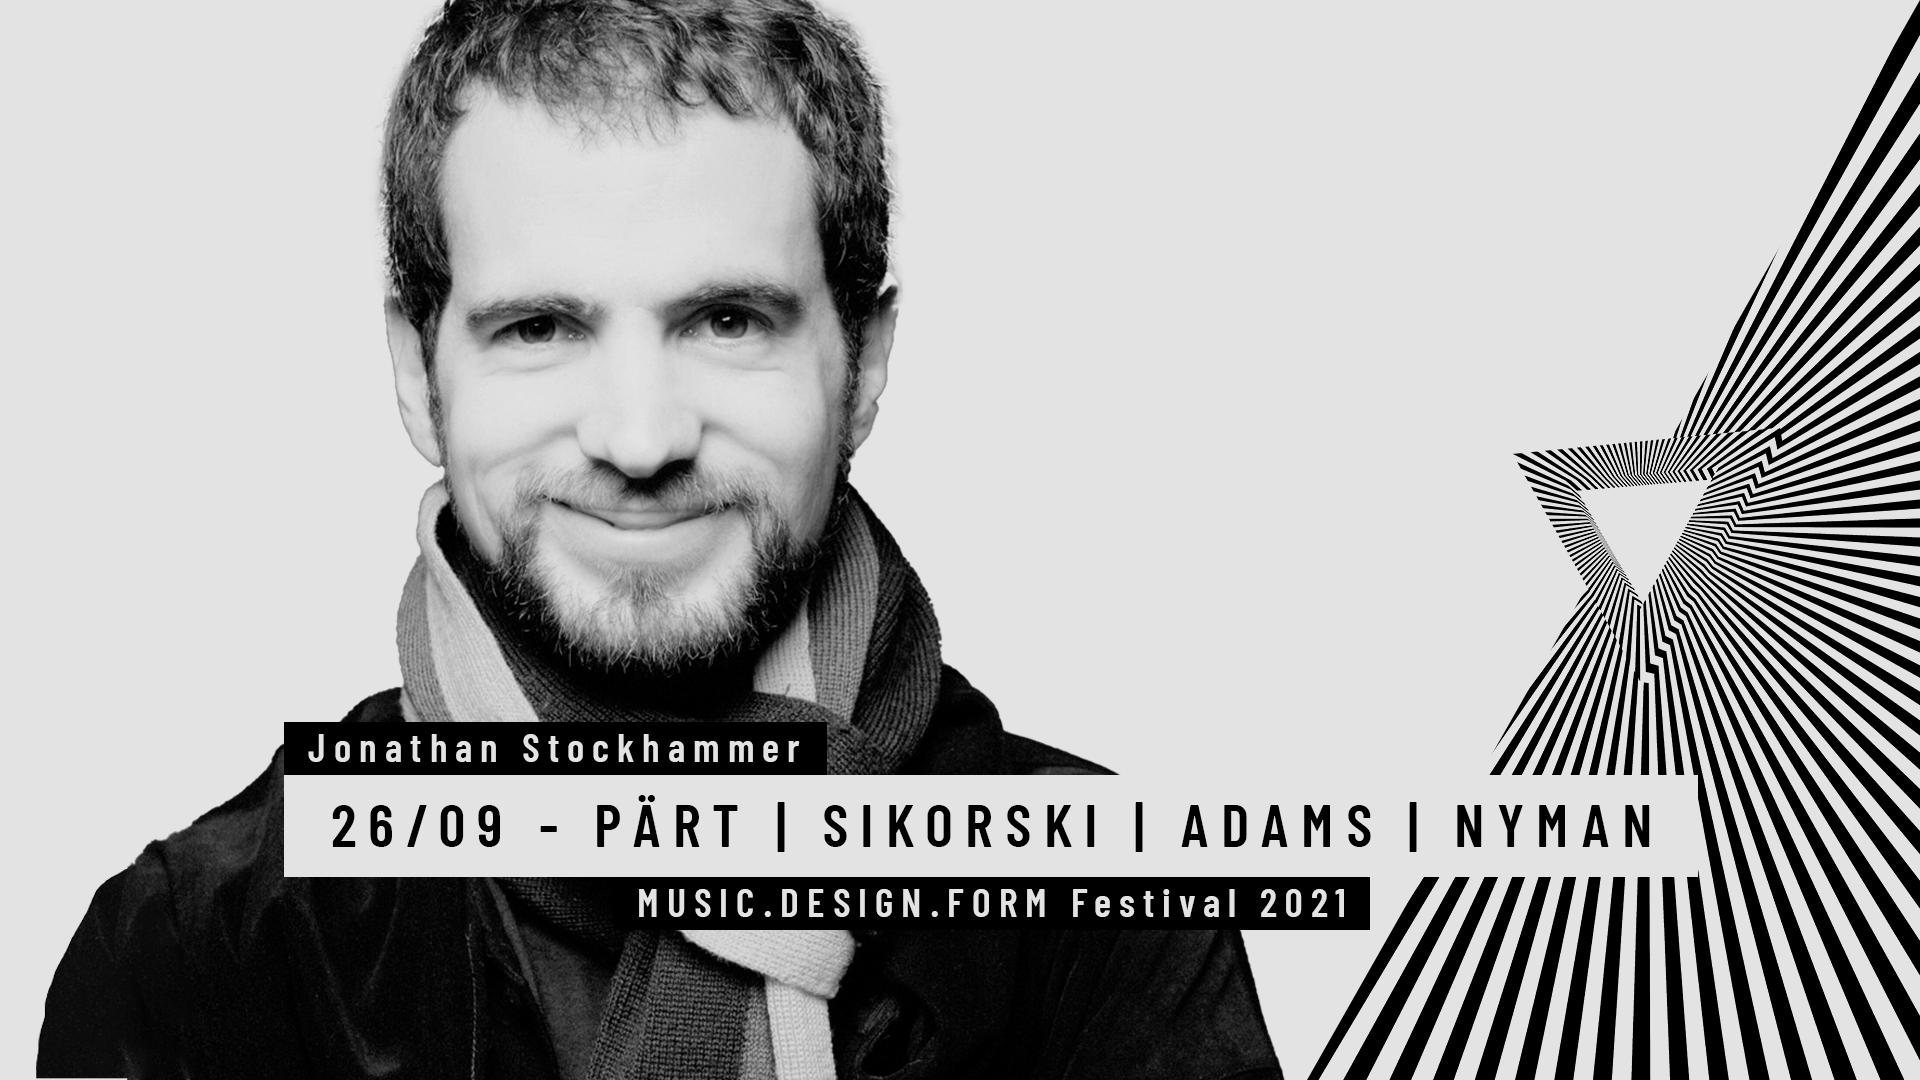 MDF Festival PÄRT | SIKORSKI | ADAMS | NYMAN